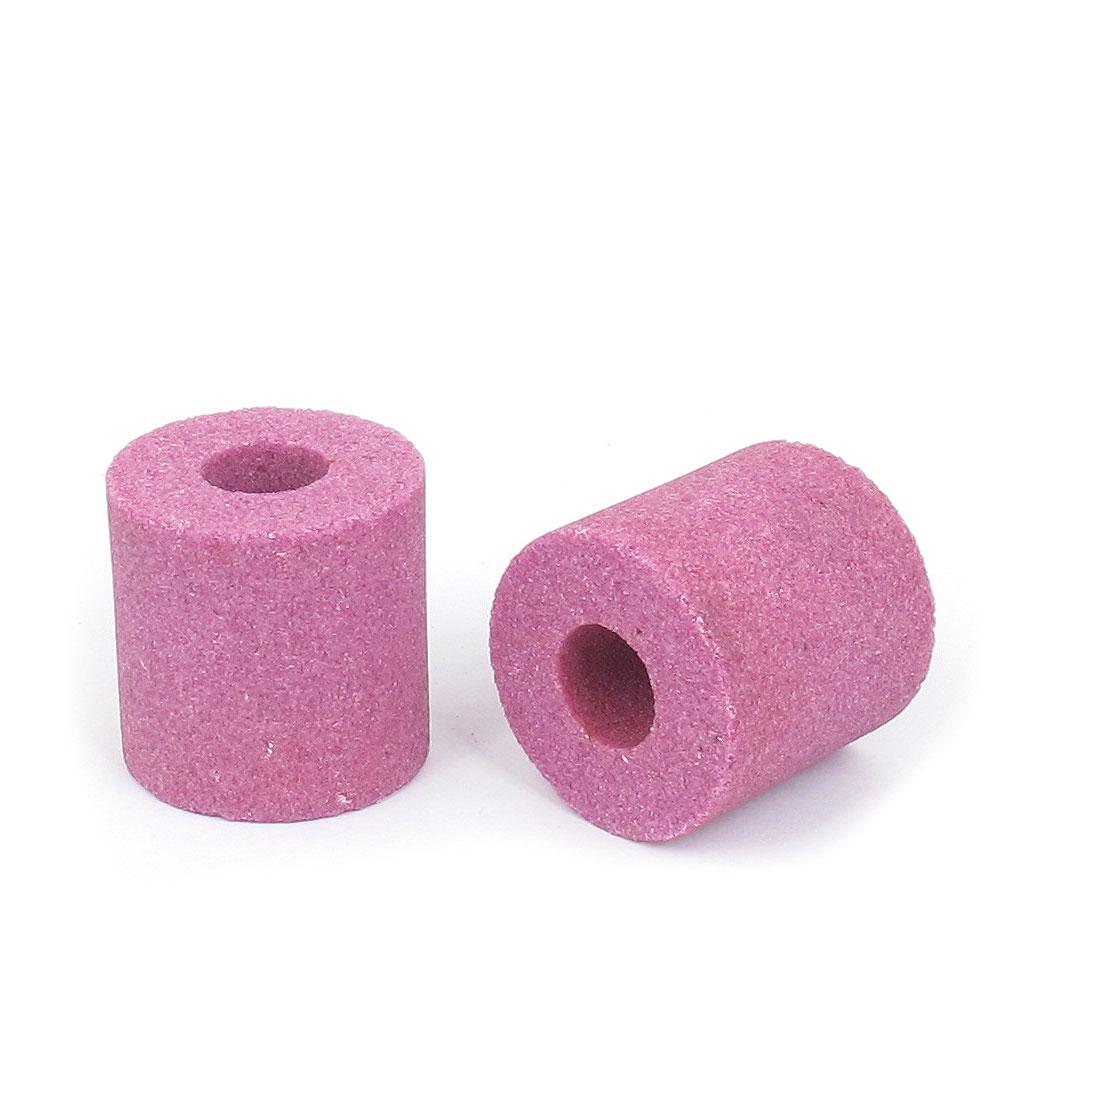 Carborundum Abrasives Cylinder Shaped Grinding Wheel Purple 40 x 40 x 16mm 2 Pcs